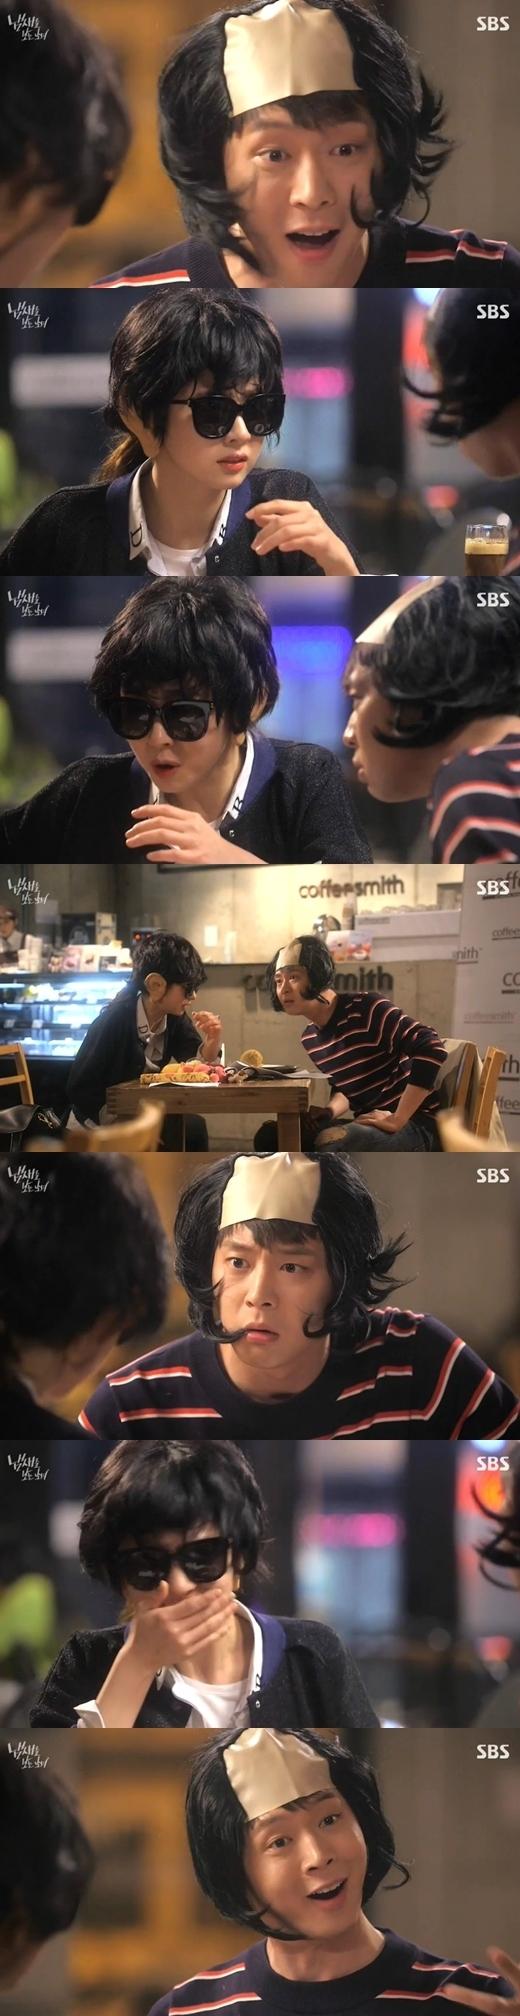 「匂いを見る少女」JYJ ユチョン、シン・セギョンのためにはげ頭の扮装からコントまで!